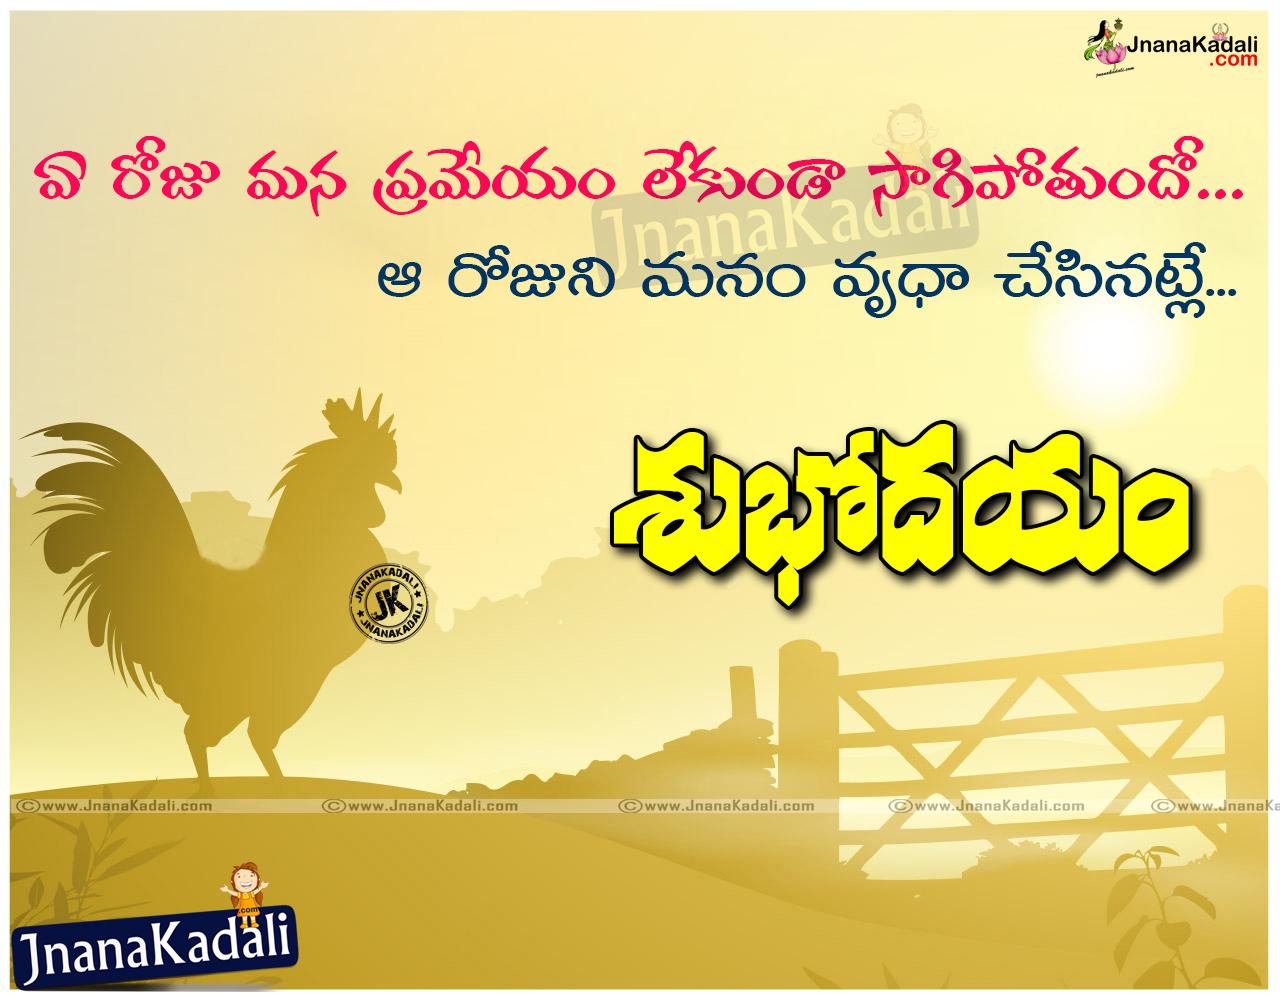 Inspirational Telugu Good Morning Quotes Images Jnana Kadali